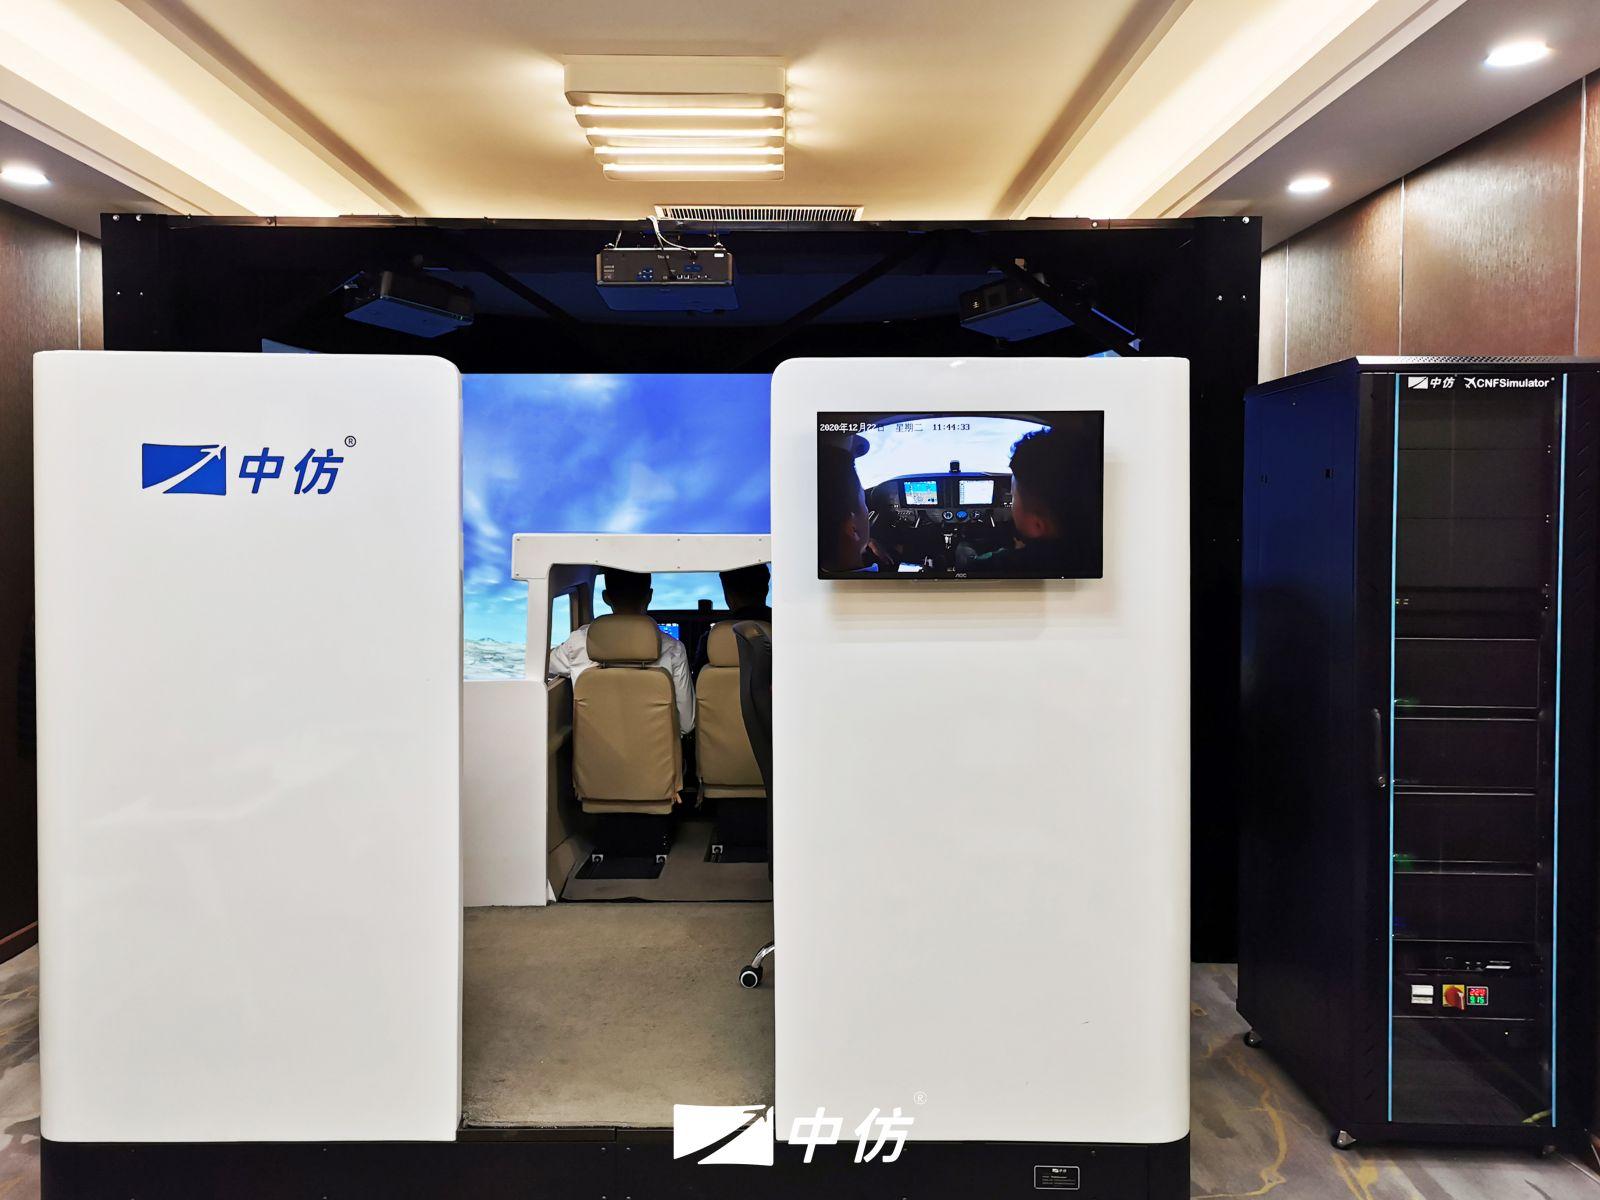 中仿CCAR-5级EASA FNPT II CNFSimulator.C172飞行模拟器flight simulator (4)